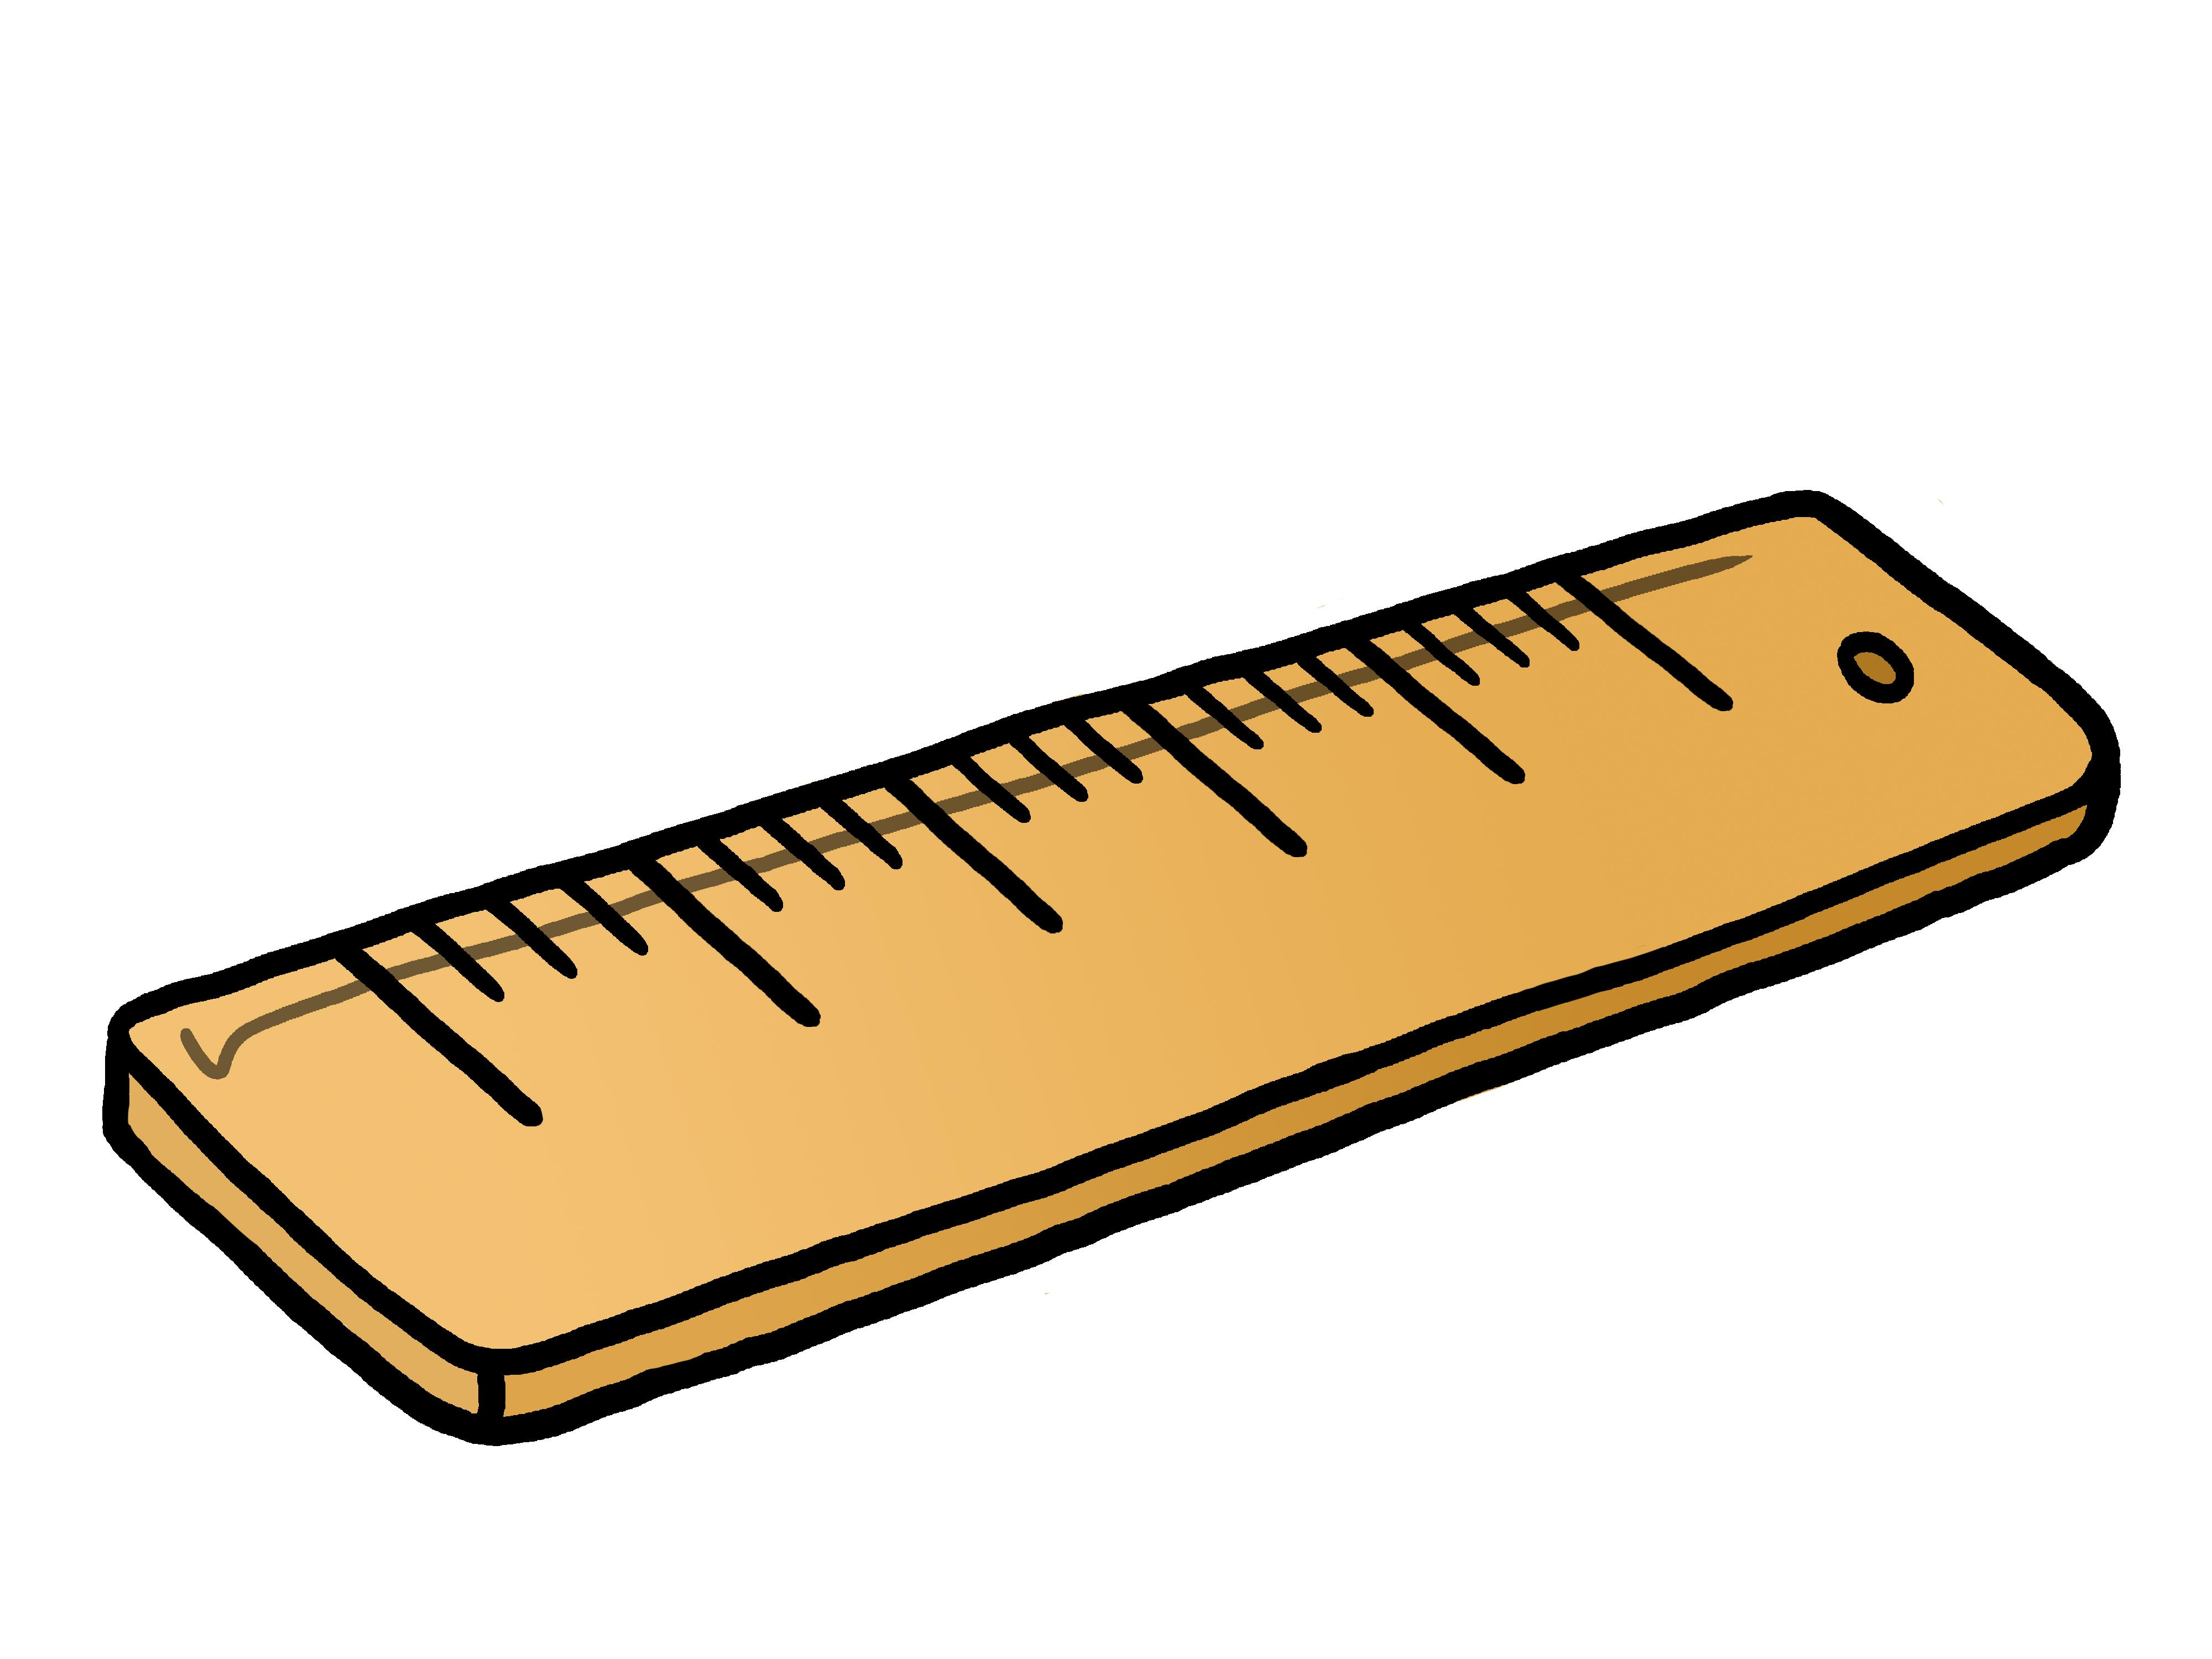 Length Clipart.